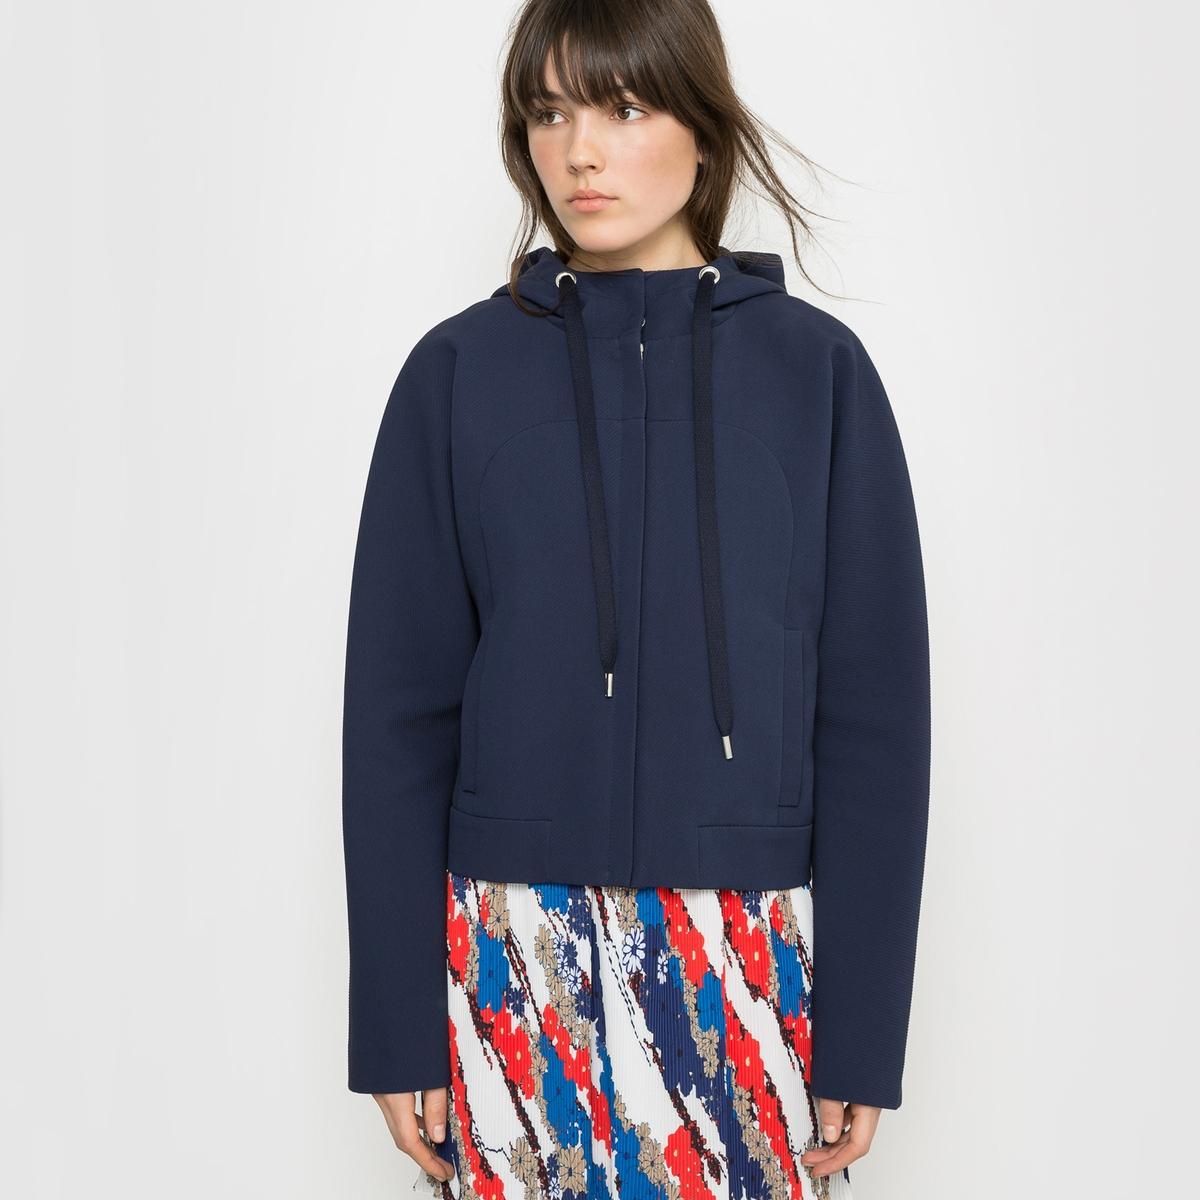 Блузон с капюшономДом моды Carven предложил каталогу La Redoute коллекцию Весна-Лето, зовущую в путешествия. Взяв за образец стиль униформы стюардессы, придуманный г-жой Карвен в 60-х годах, дизайнеры Алексис Марсьяль и Андриян Кайядо вдохнули лёгкость в эту яркую коллекцию.Силуэты одежды характеризуются элегантностью и раскованностью.<br><br>Цвет: темно-синий<br>Размер: 44 (FR) - 50 (RUS)